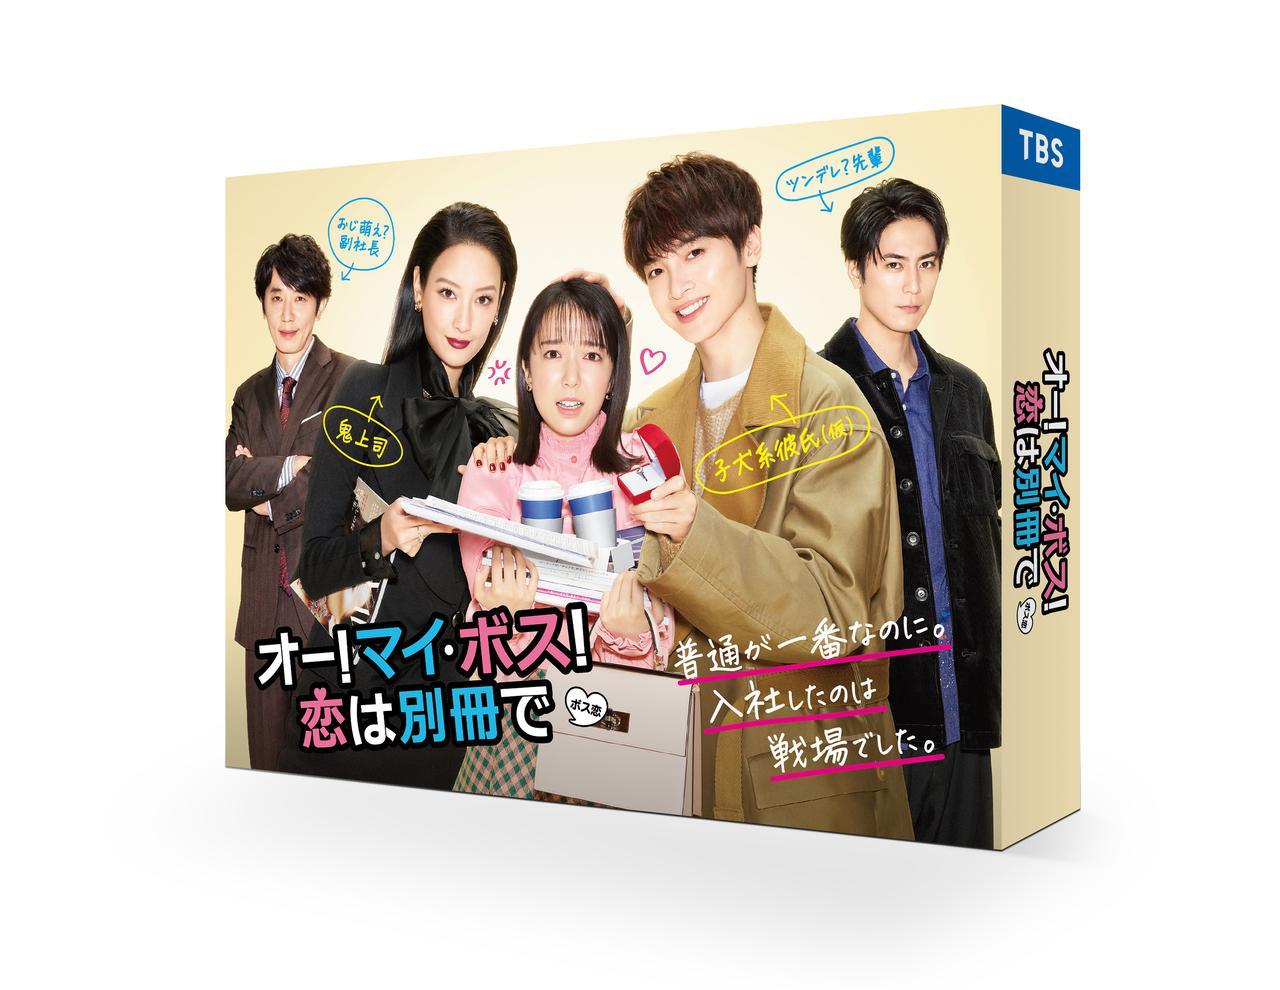 画像: 上白石萌音主演ドラマ「オー!マイ・ボス!恋は別冊で」2021年9月3日Blu-ray&DVD-BOX発売決定!